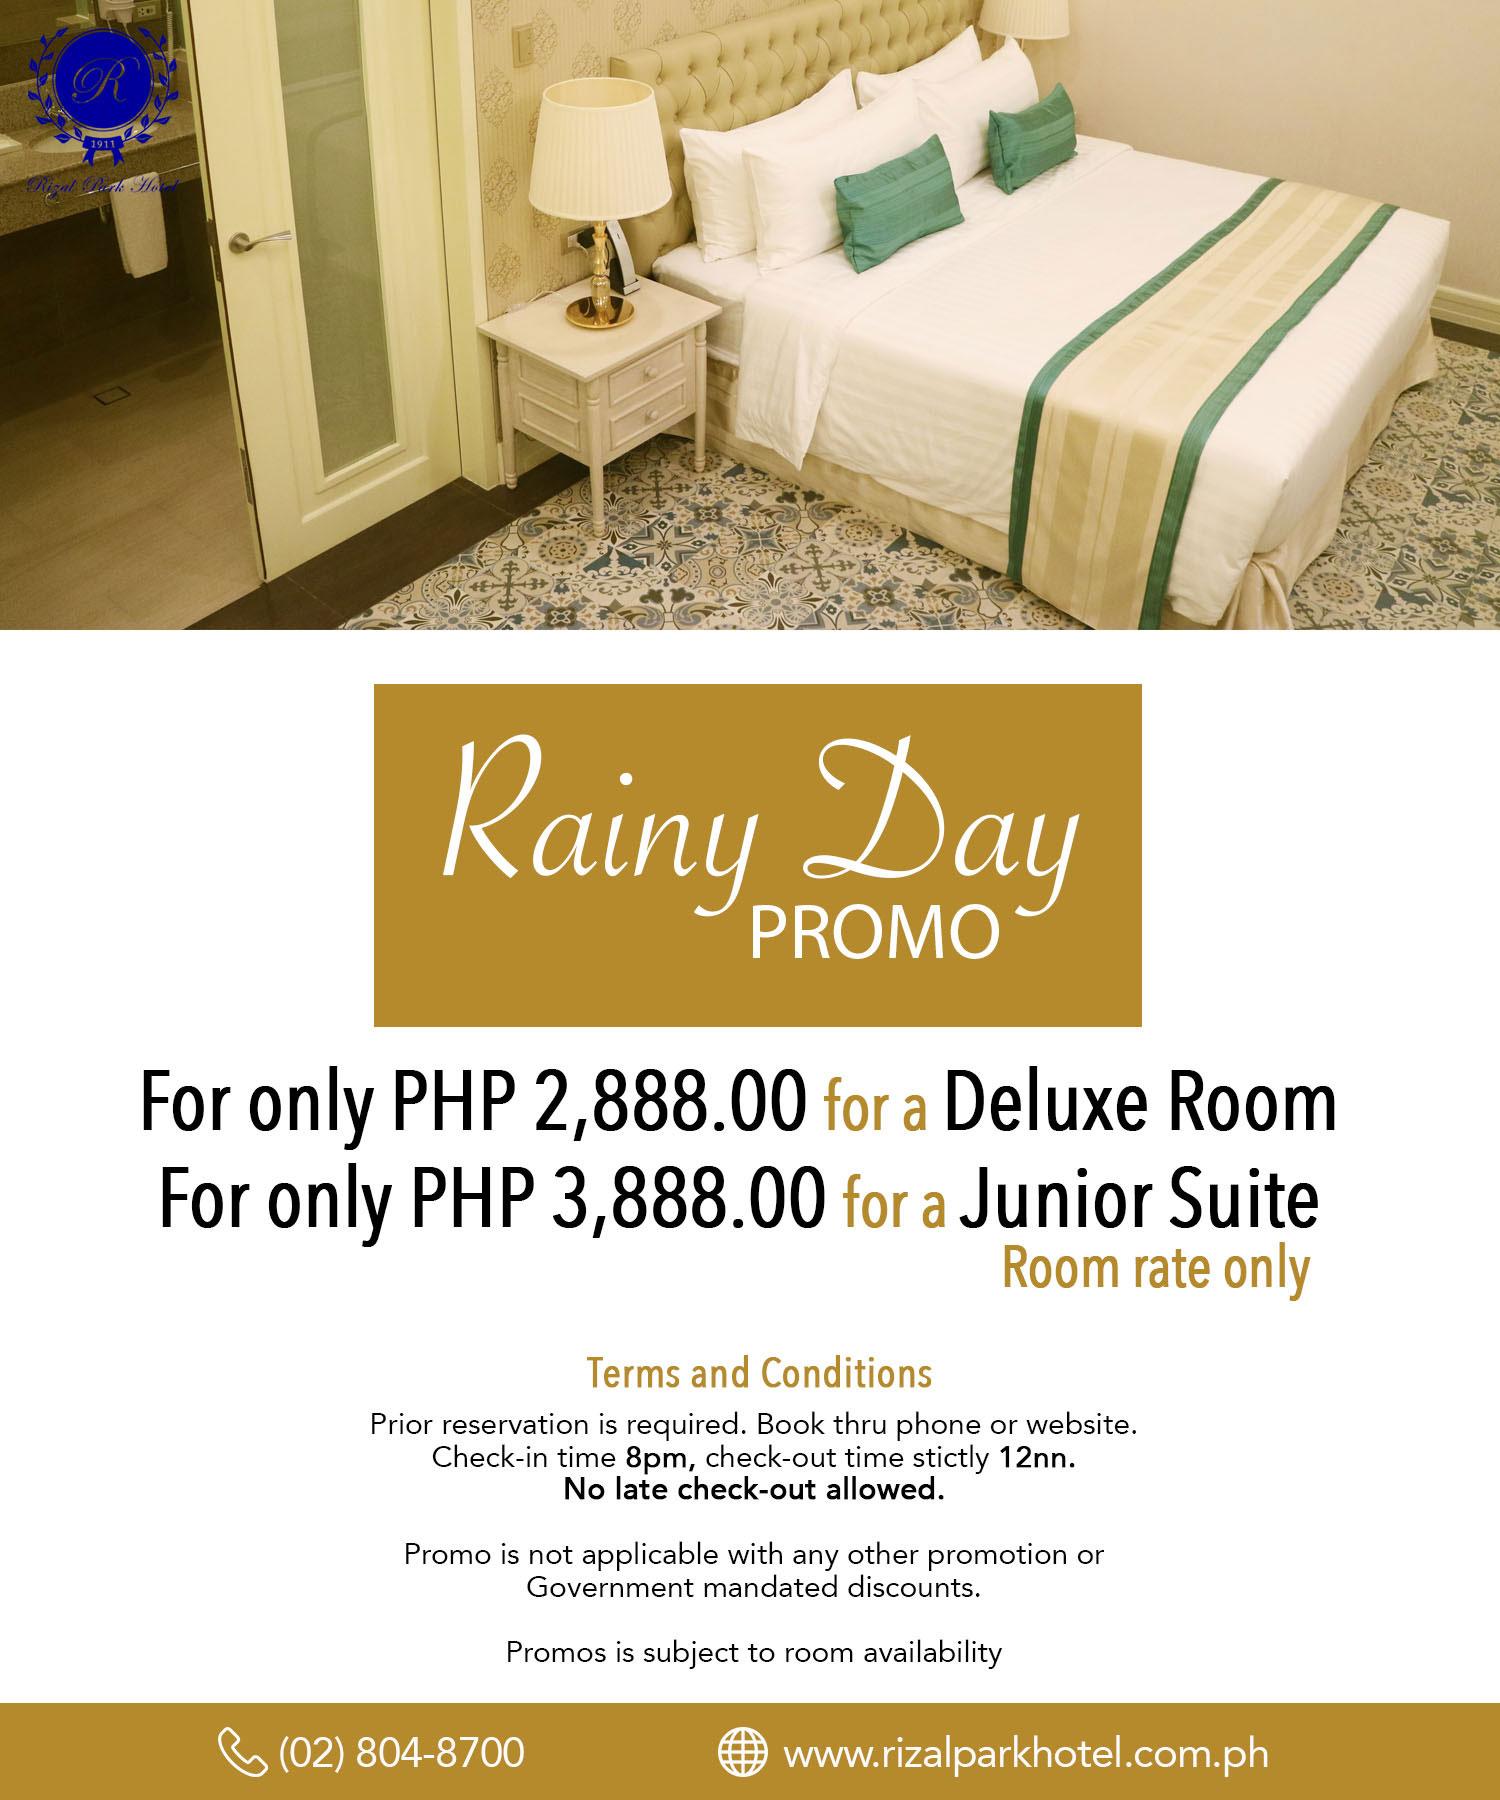 Rizal Park Hotel - Rainy Day Promo